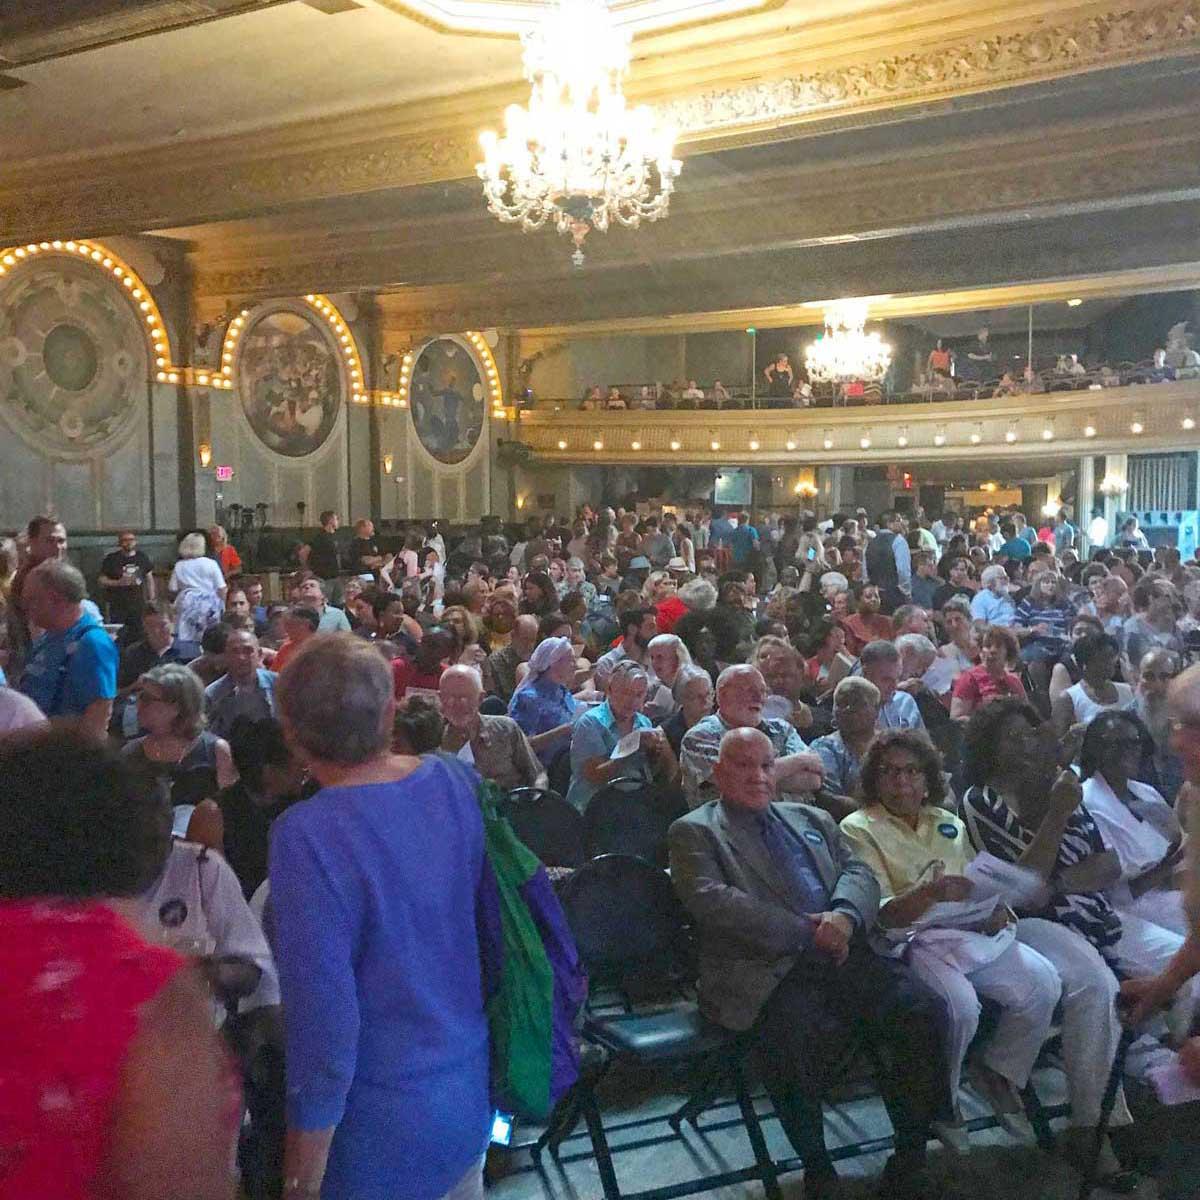 city council debate crowd